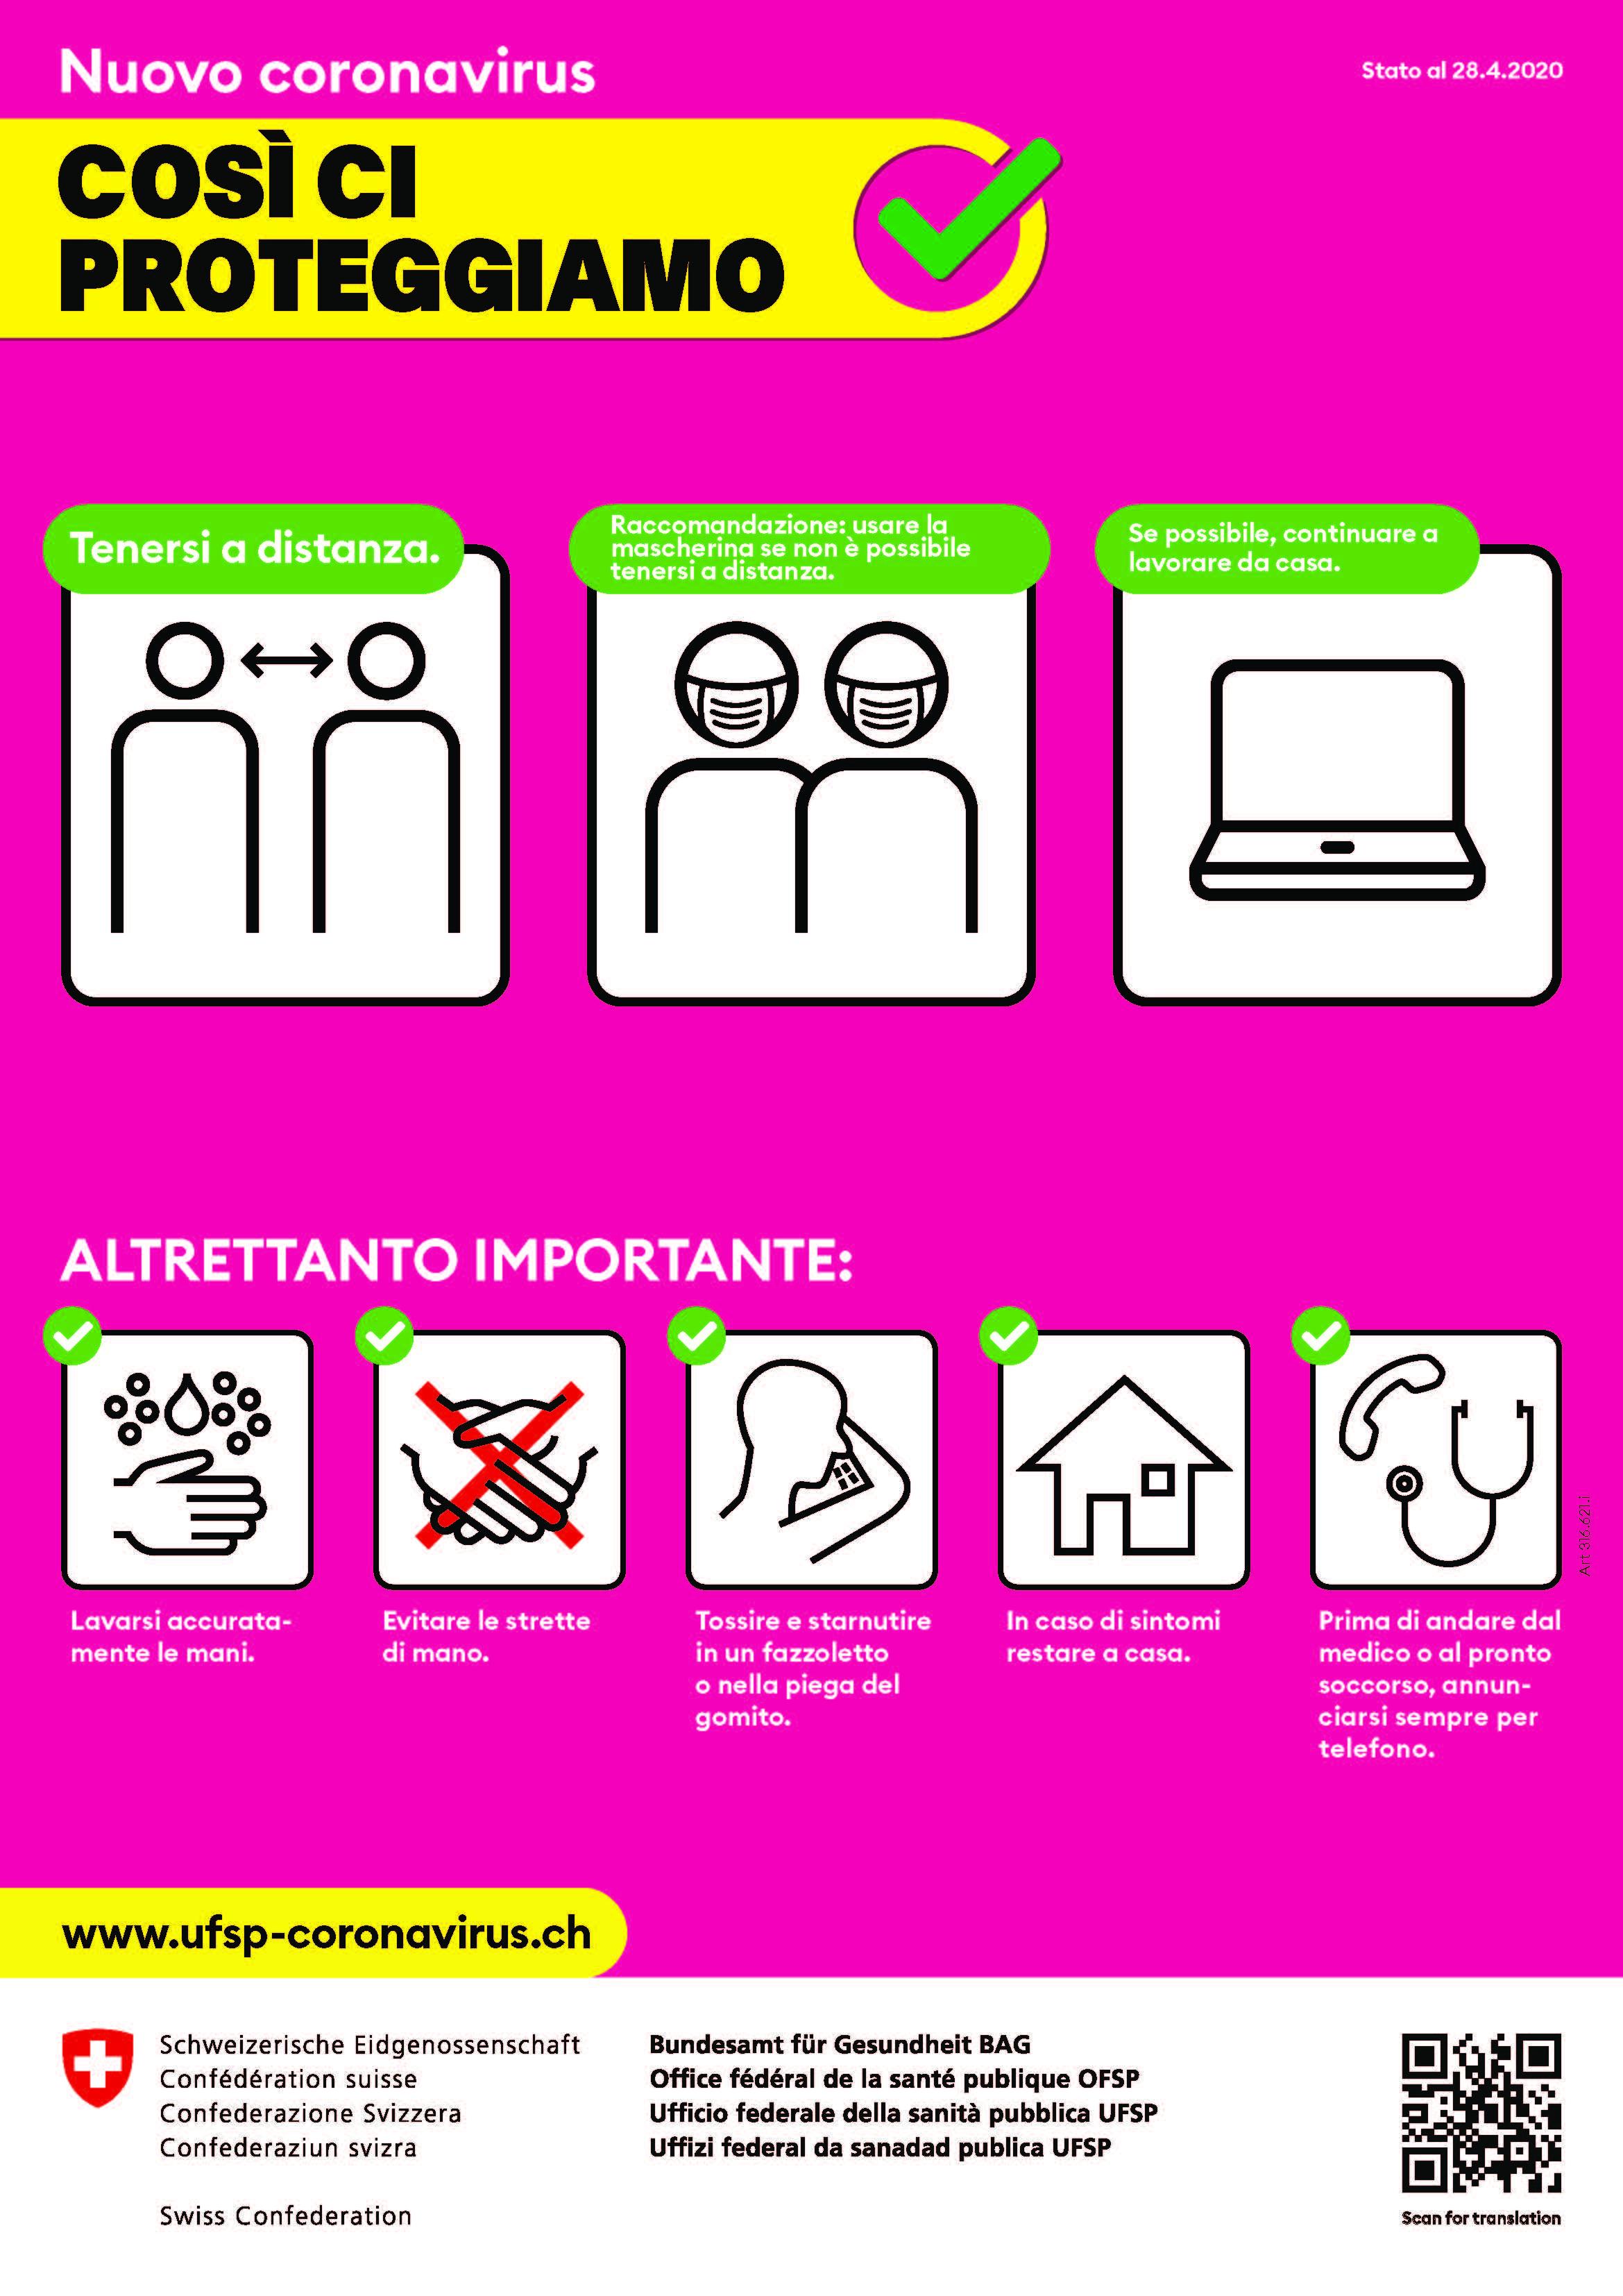 cartellone_nuovo_coronavirus_cosi_ci_proteggiamo 20200428.jpg